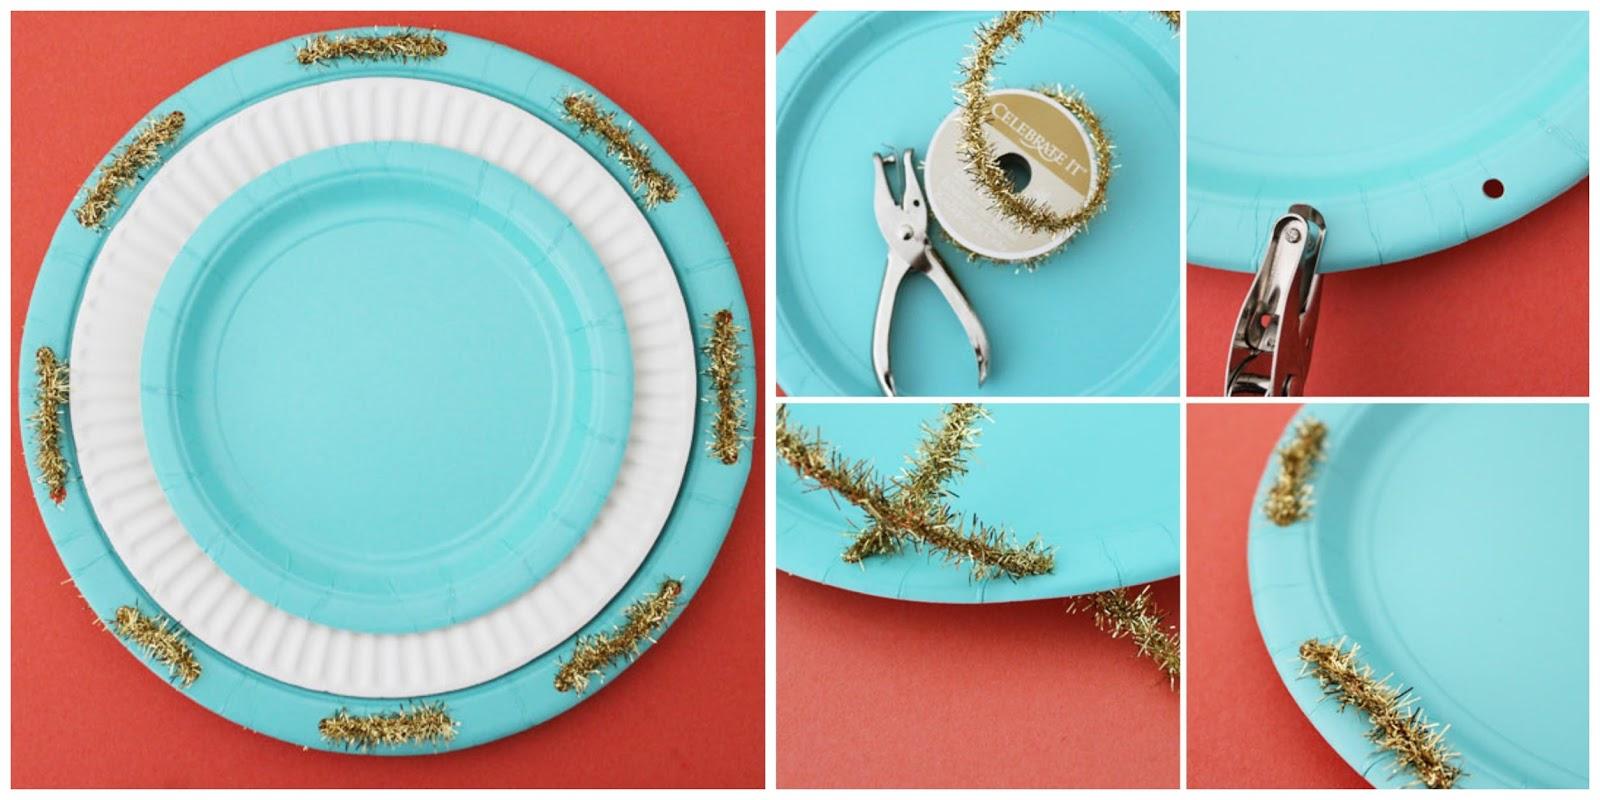 Una decoraci n de fiesta completa con platos de papel for Plato de decoracion marroqui salon 2014